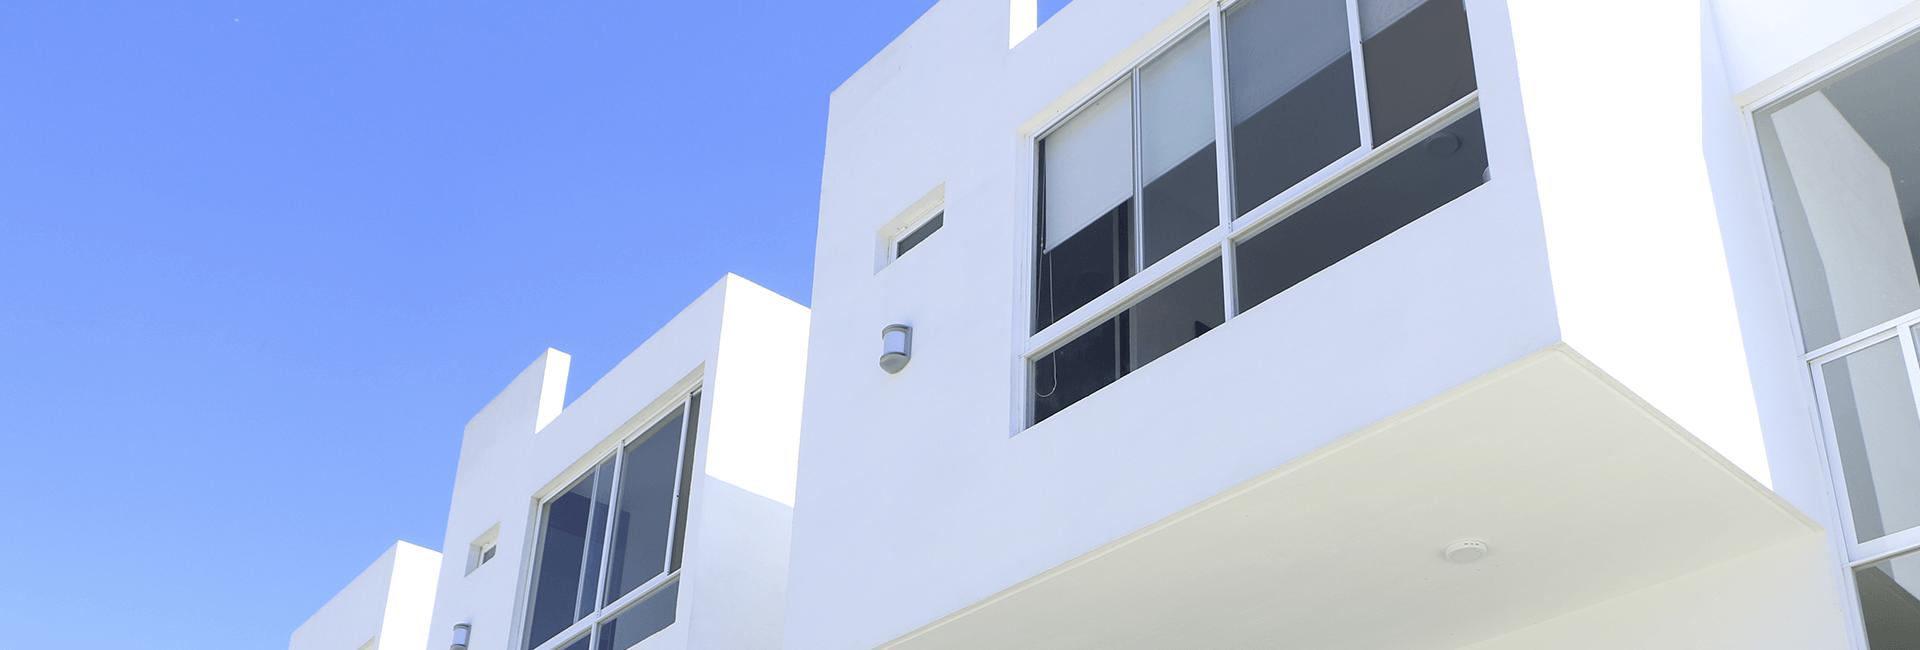 Casas Sofía Habitat